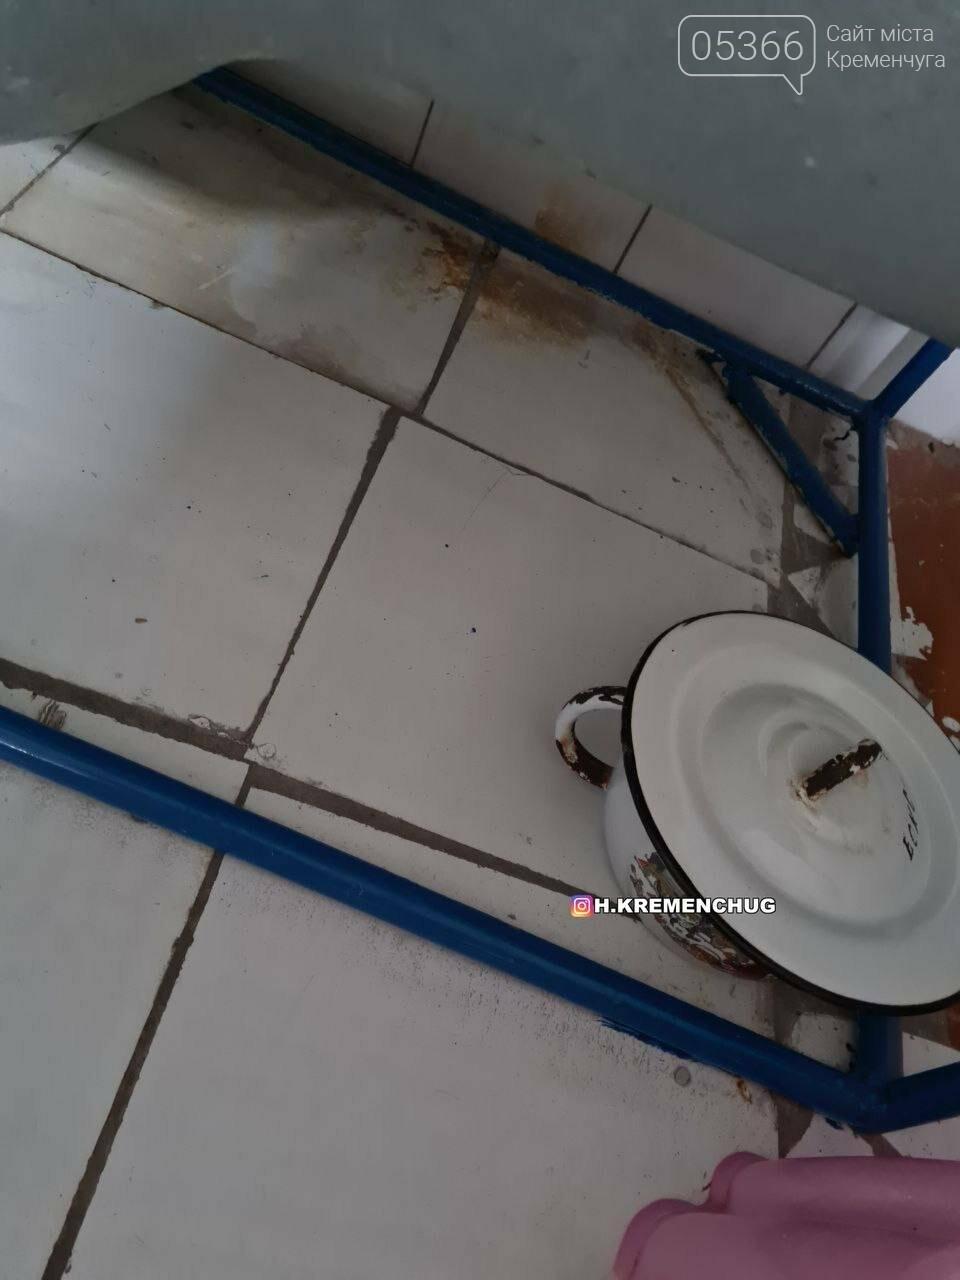 """У лікарні """"Кременчуцька"""" відключили воду через несправну каналізацію, фото-1"""